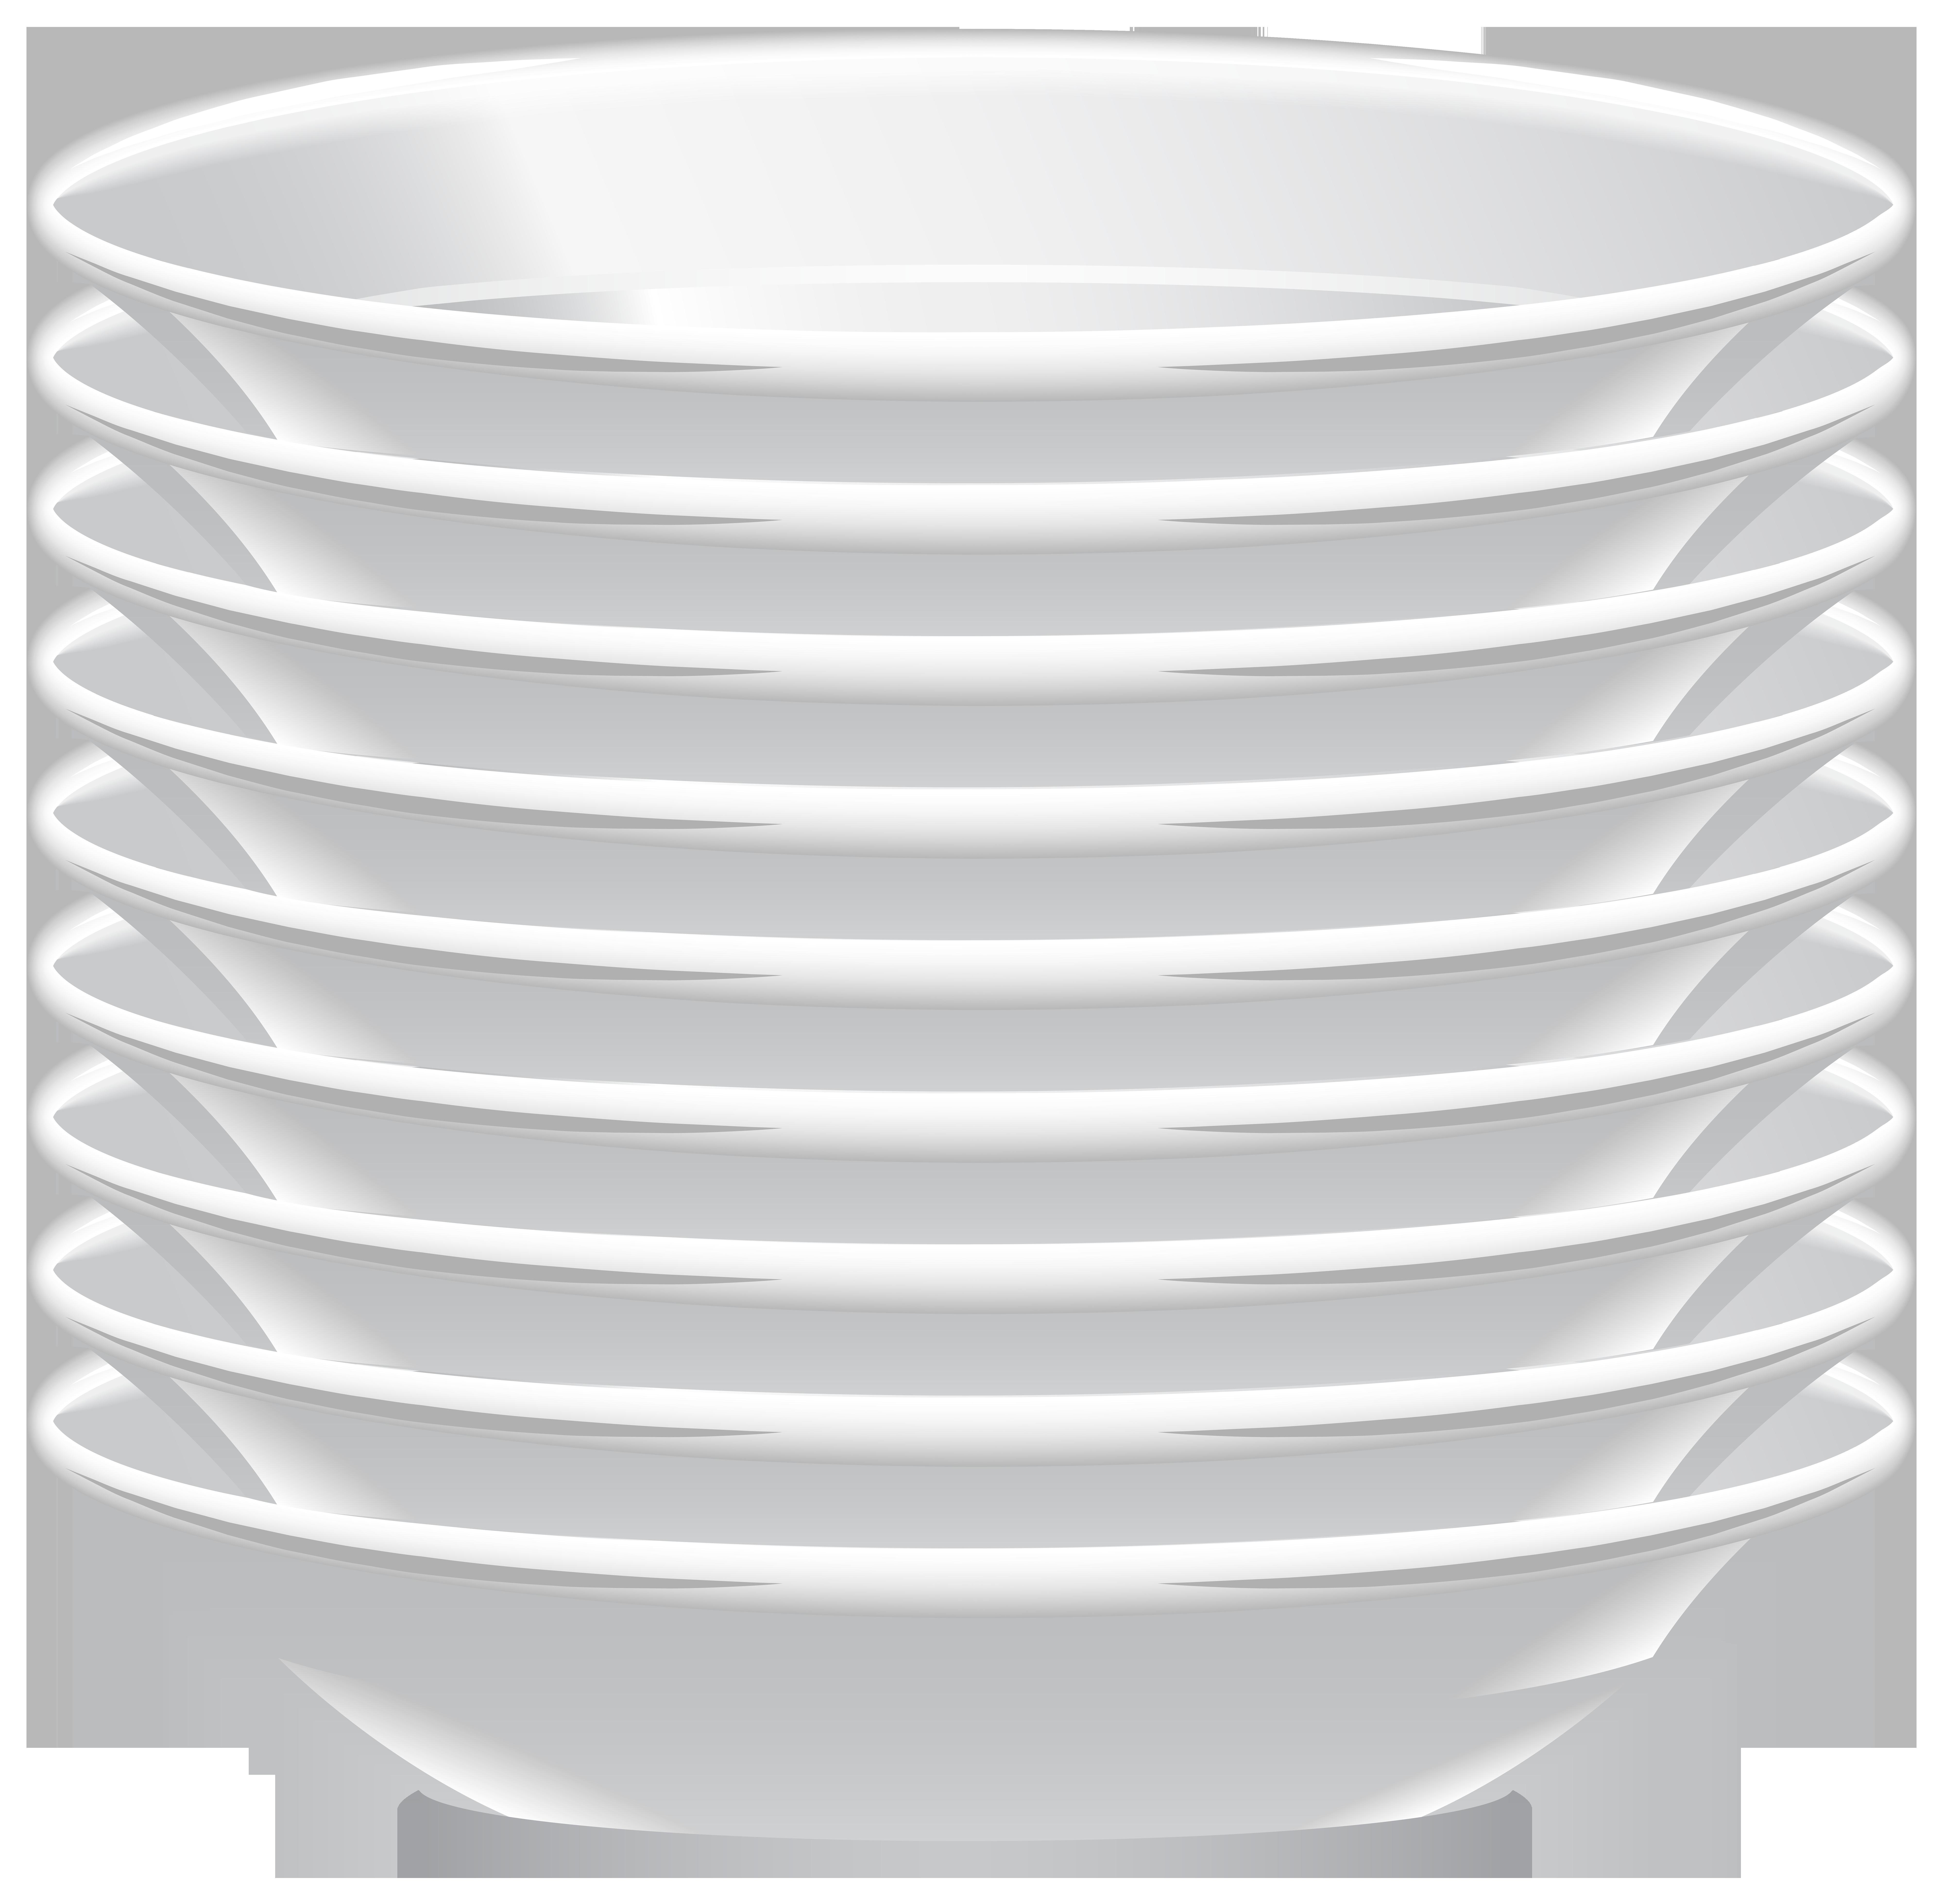 Plates png best web. Soup clipart clip art